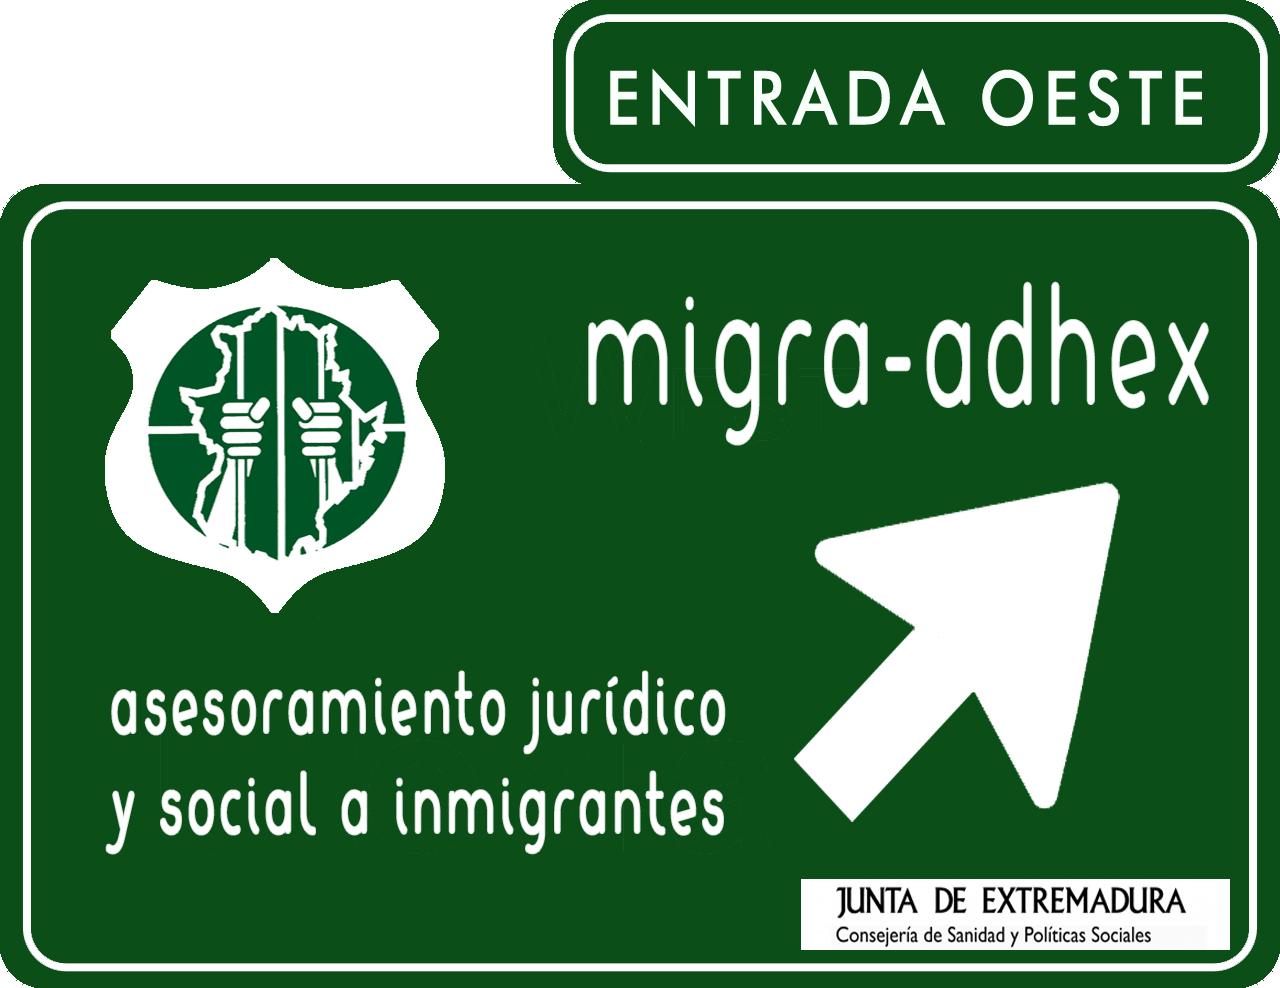 Inmigración - ADHEX